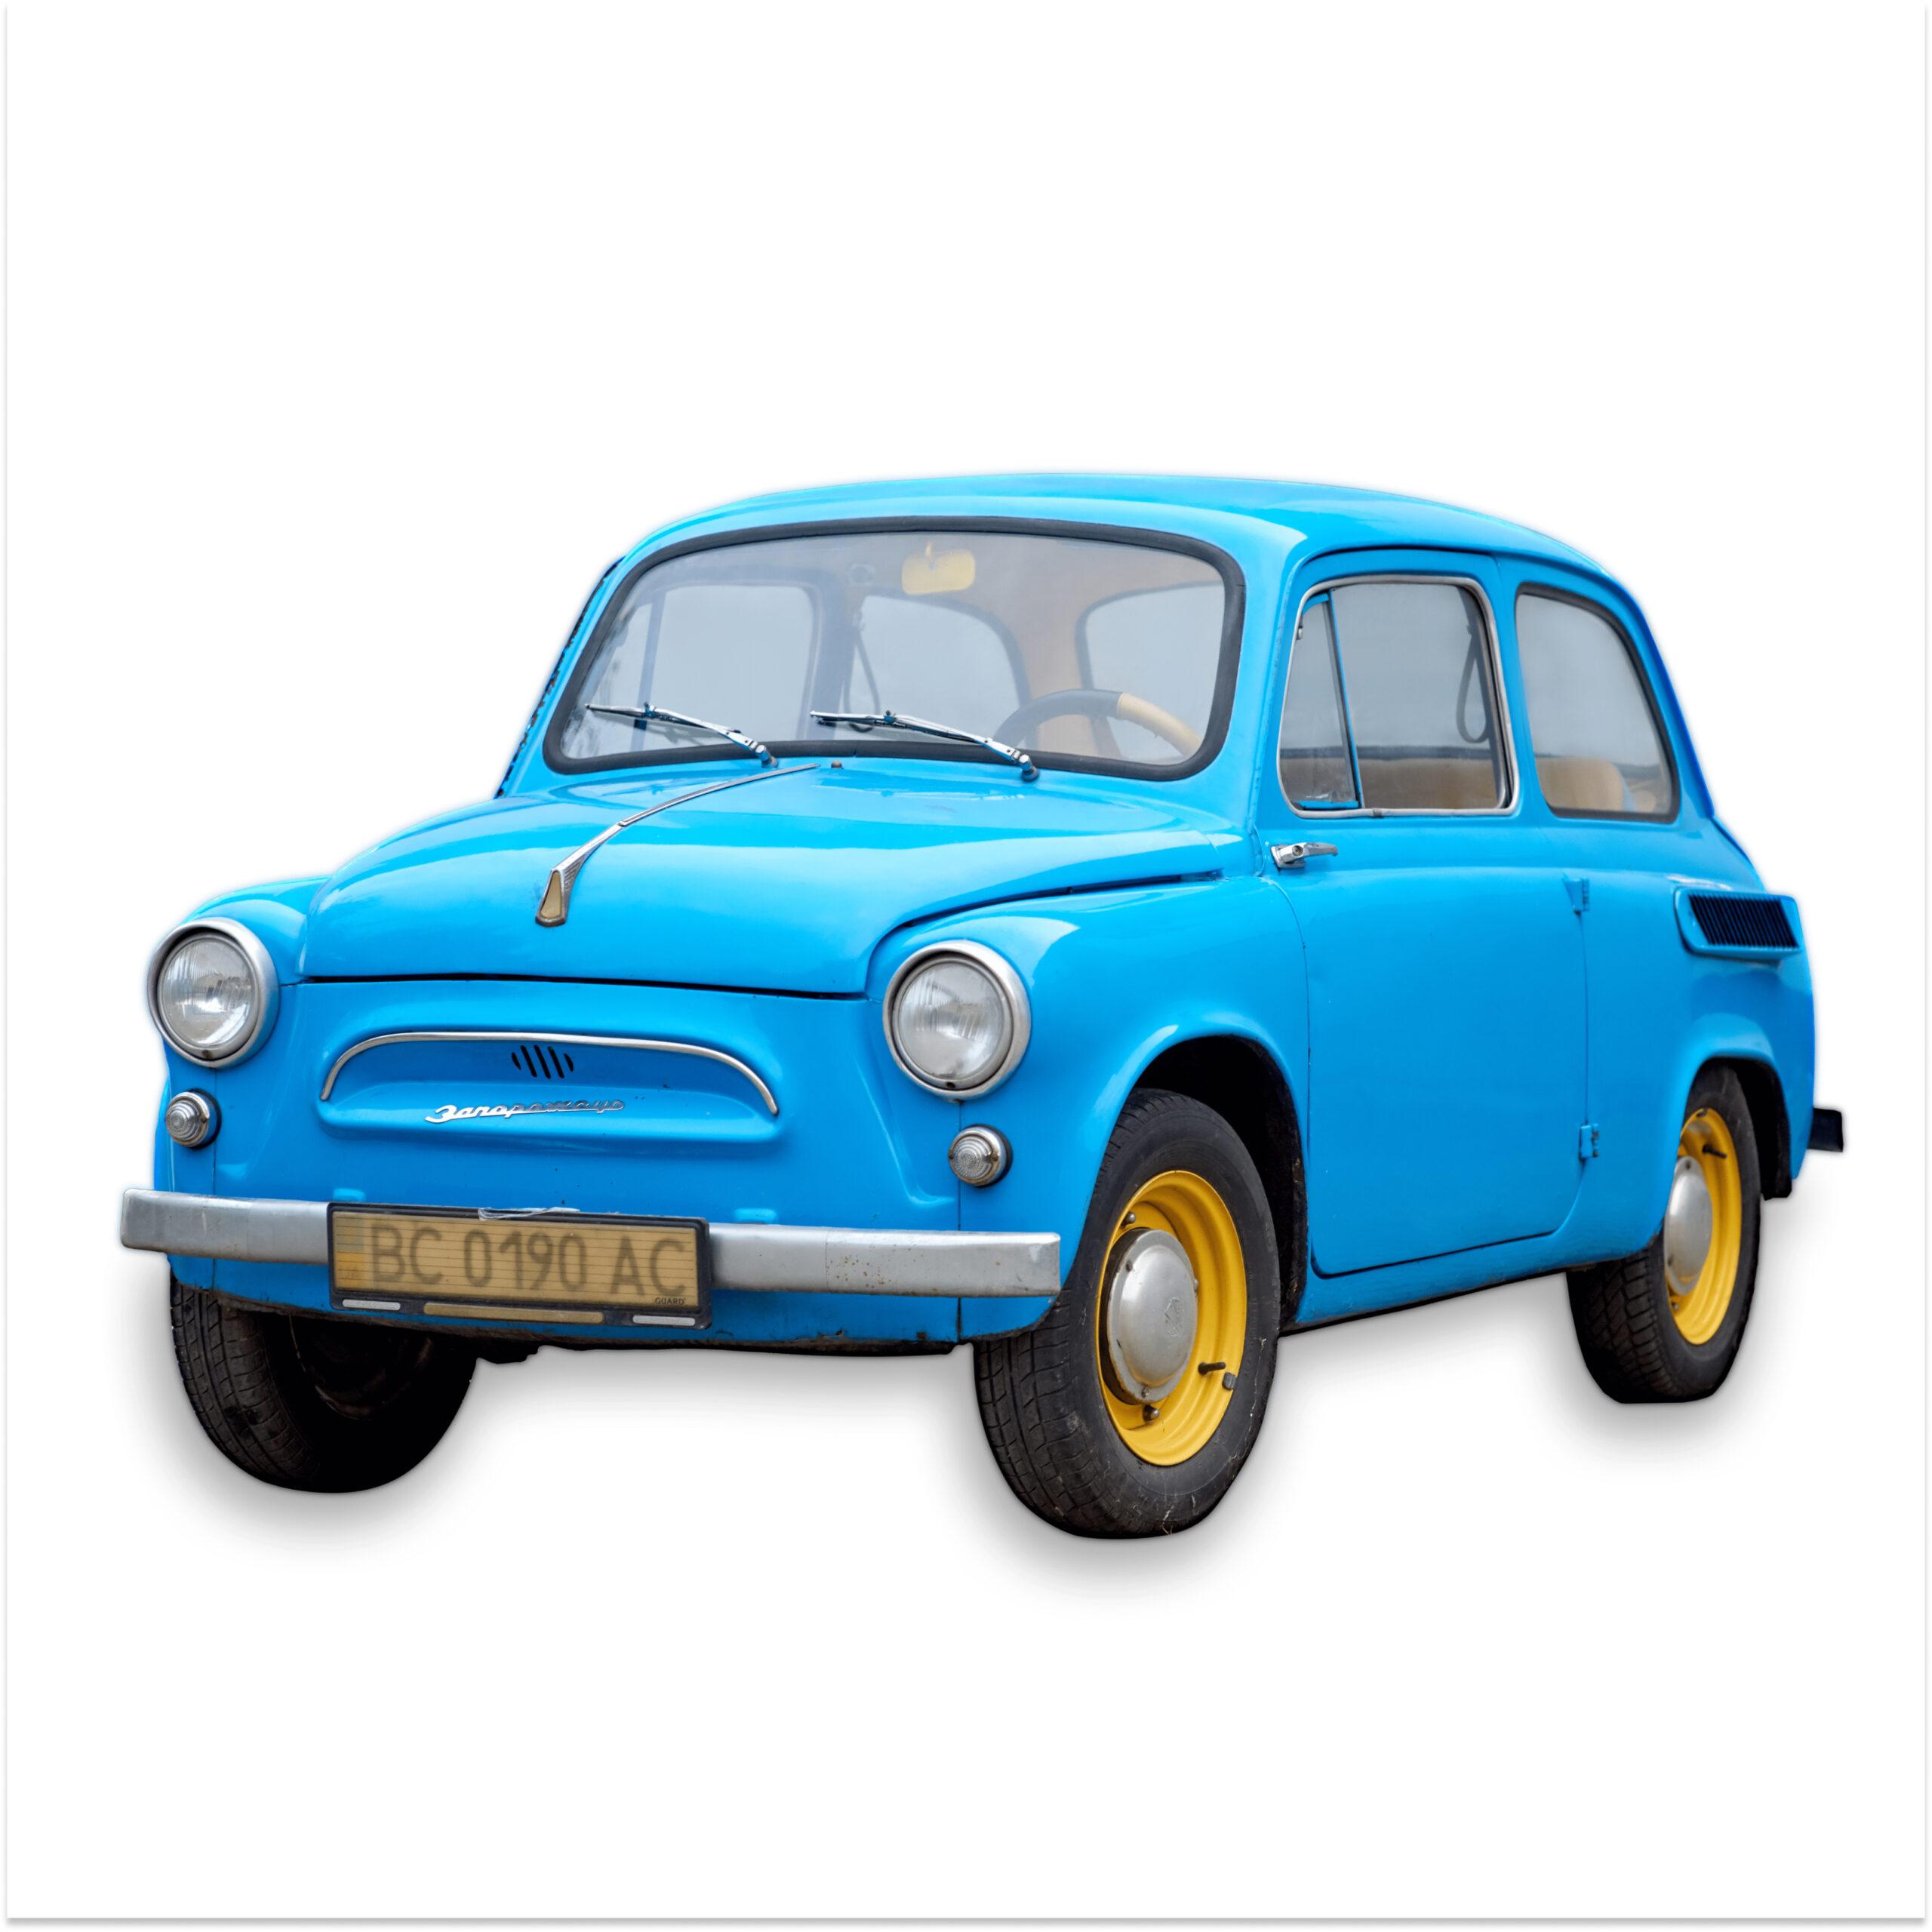 ЗАЗ-965, 1967, Україна